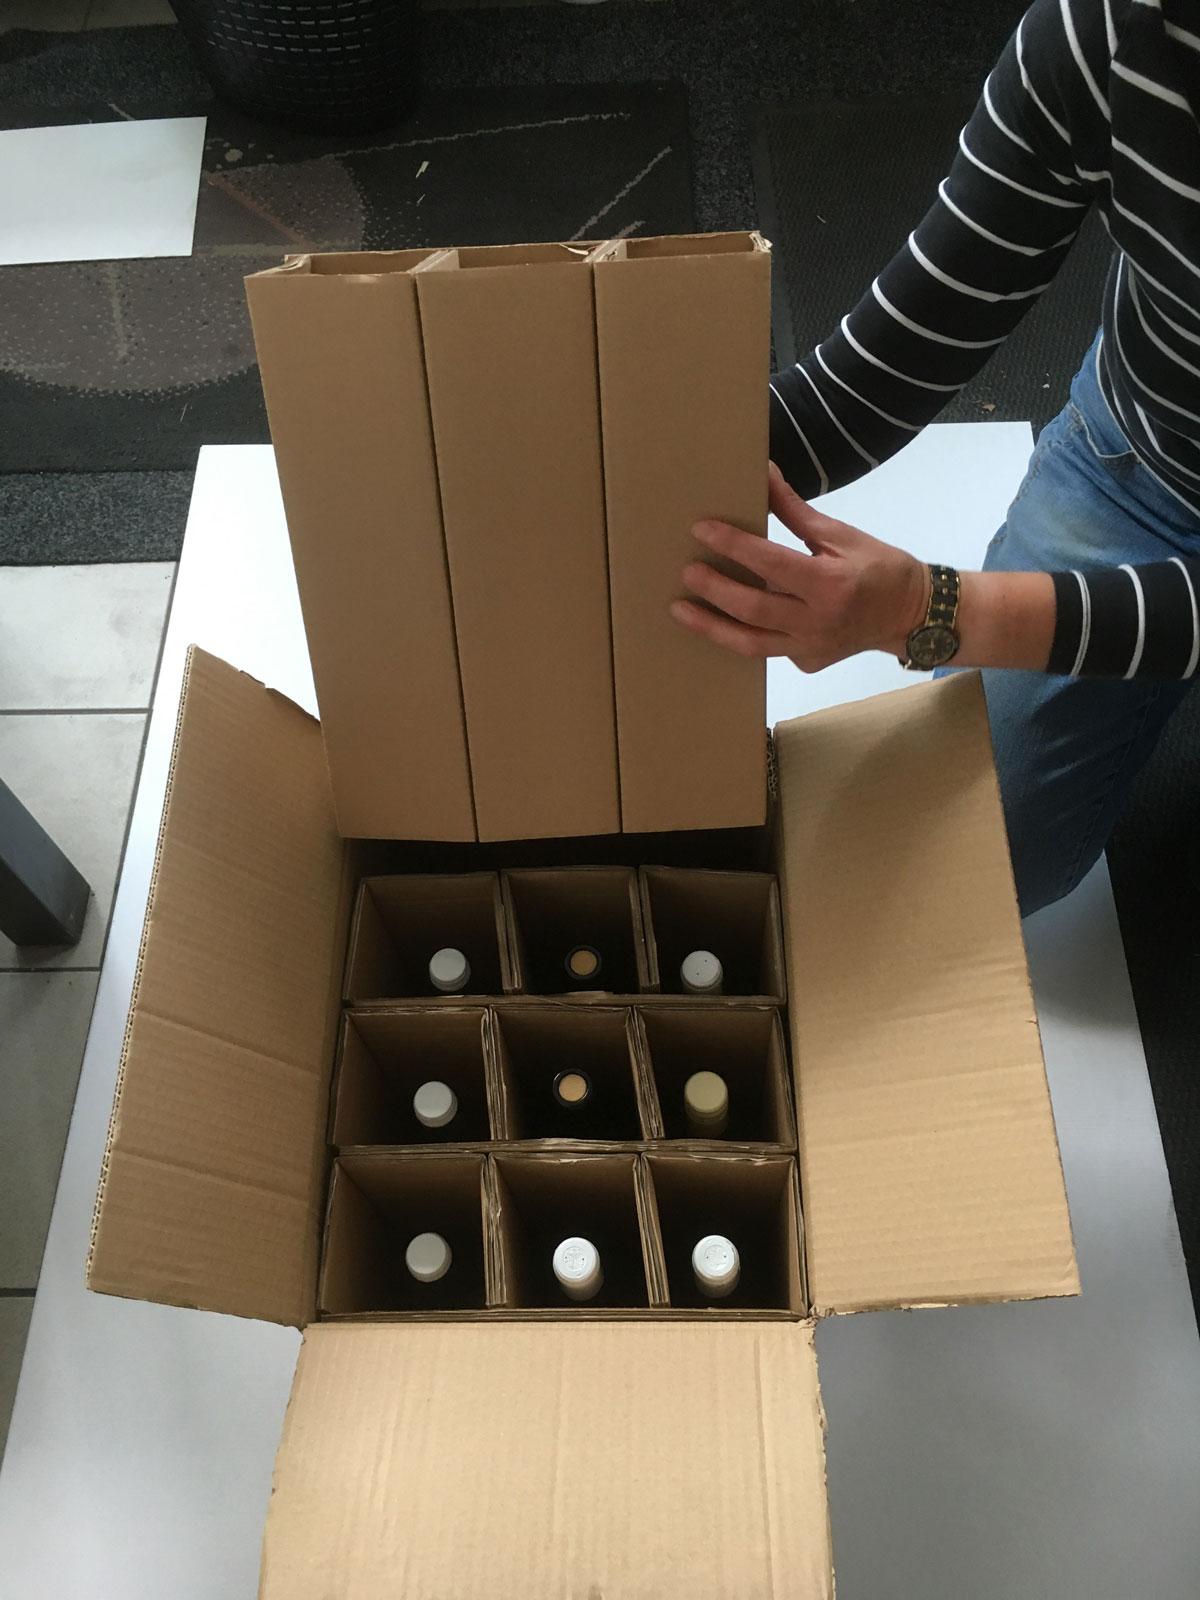 kartons zur verpackung von flaschen karton nach ma. Black Bedroom Furniture Sets. Home Design Ideas